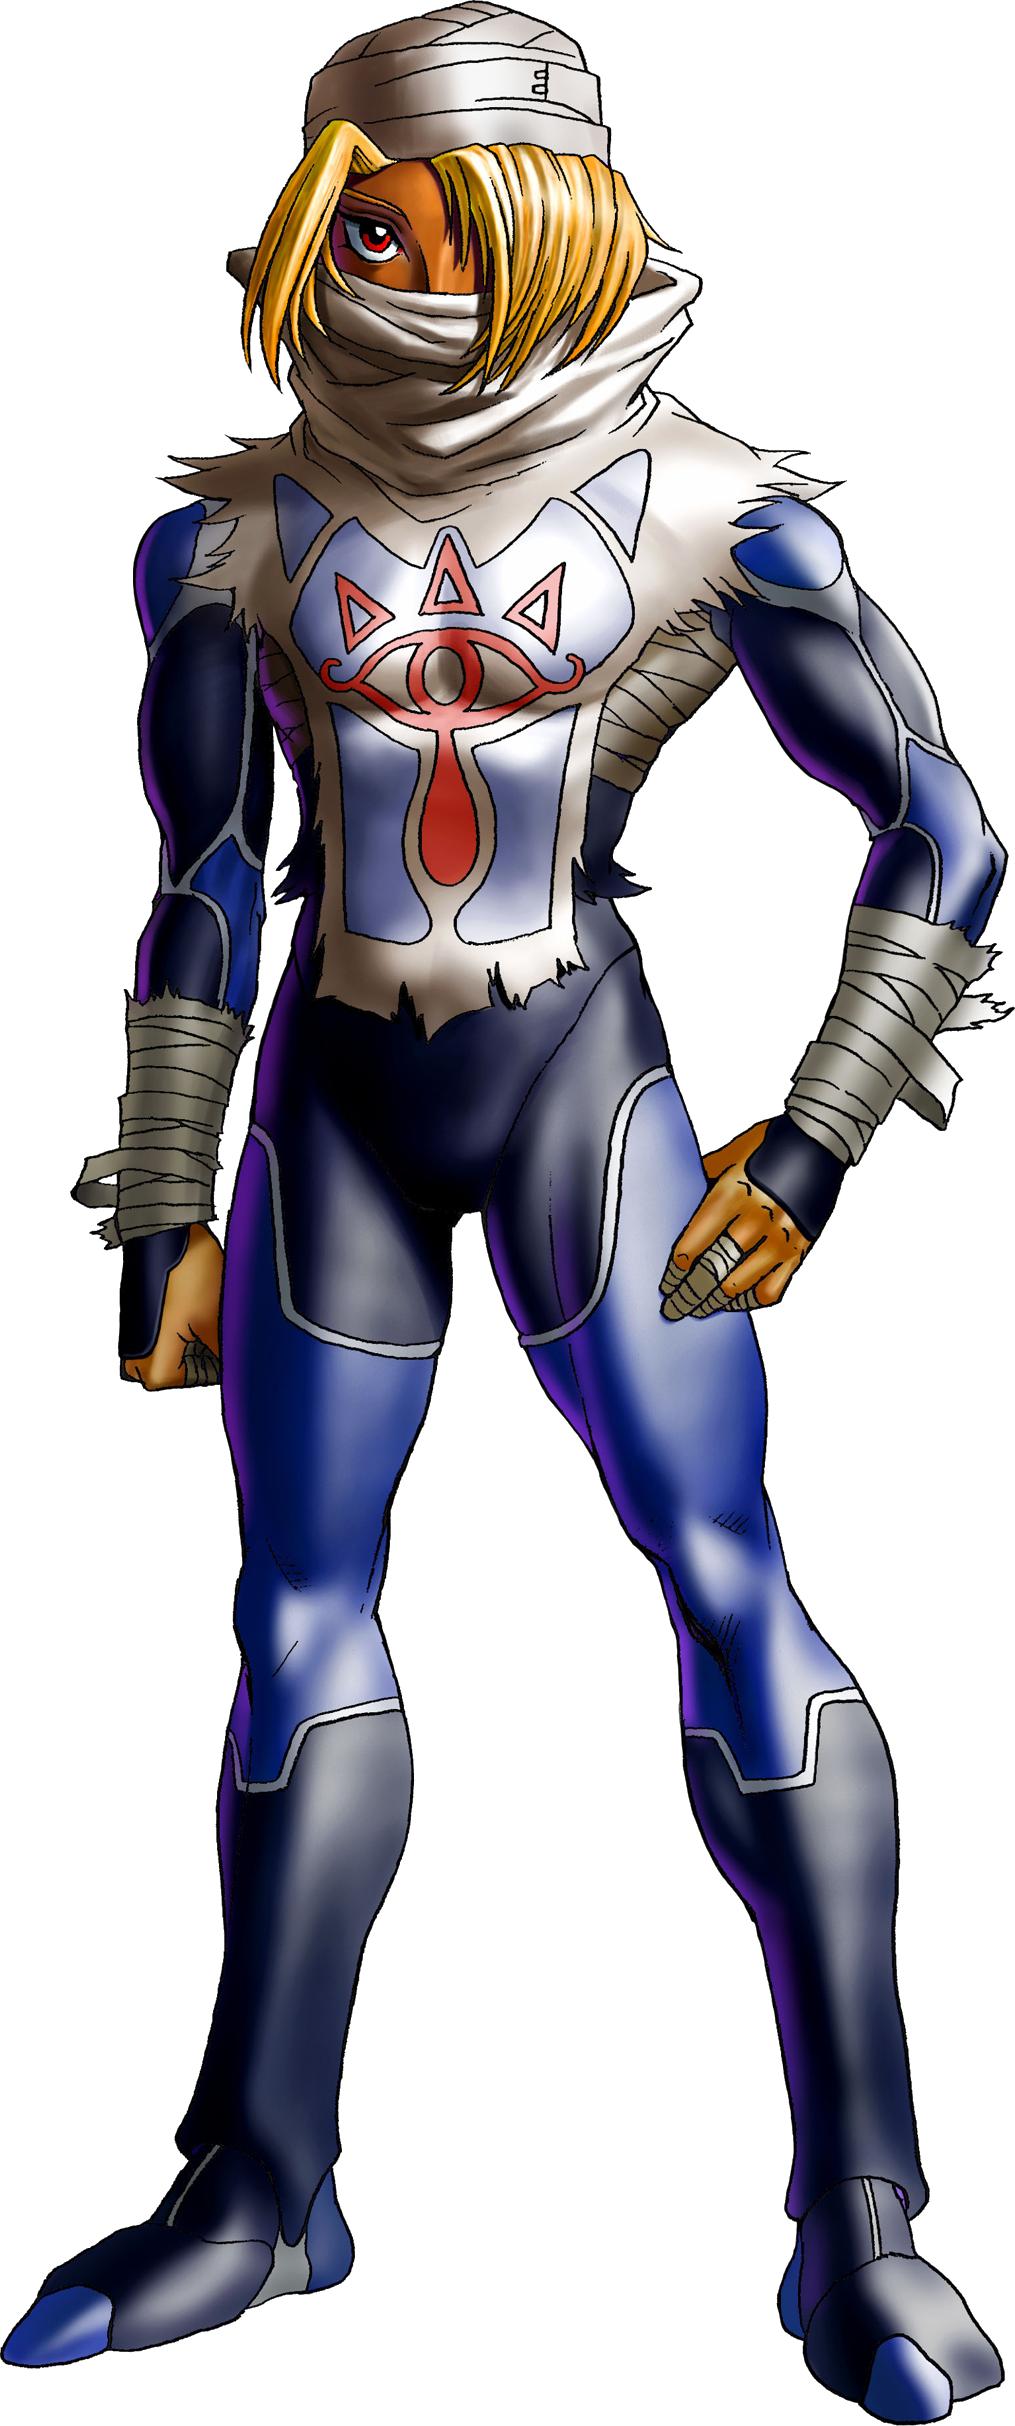 Sheik | Heroes Wiki | FANDOM powered by Wikia